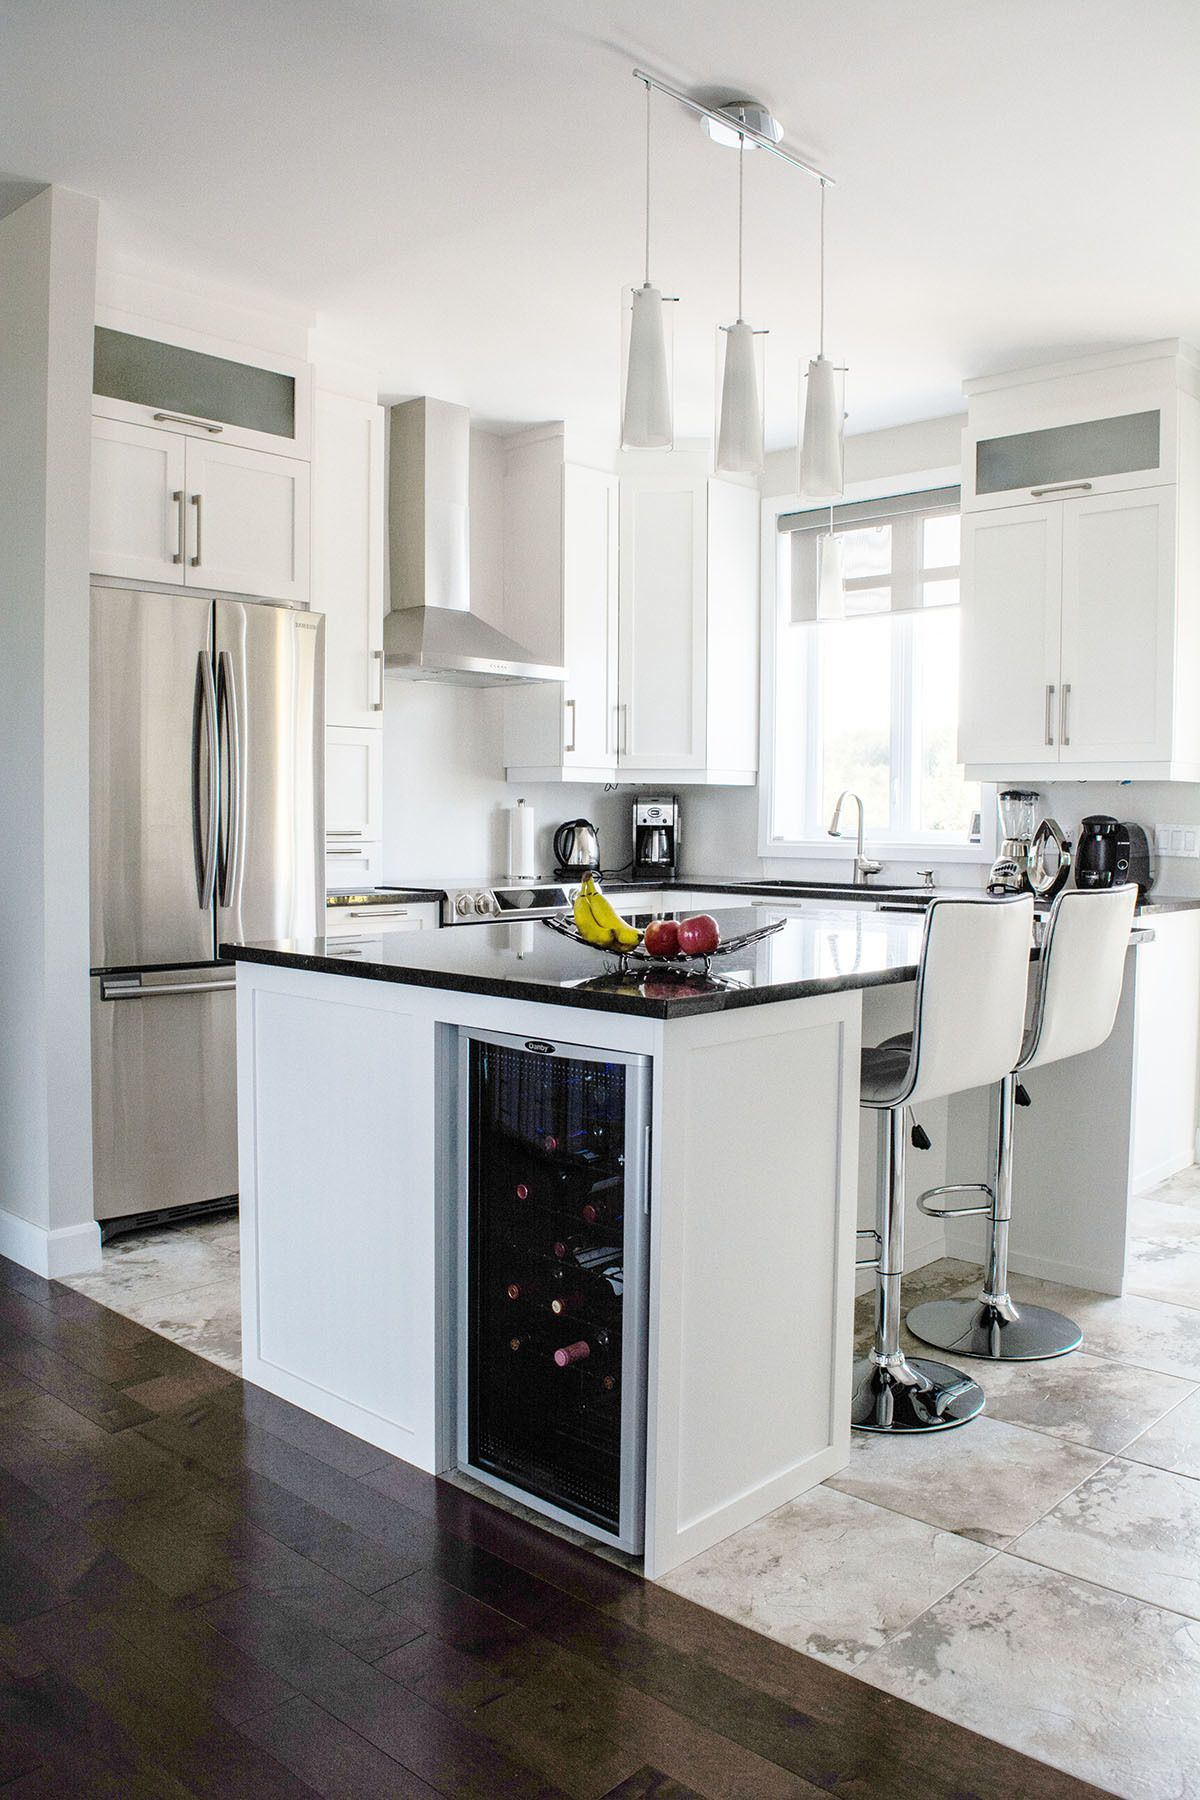 Cuisine contemporaine avec panneaux d 39 armoires en polyester blancs de style shaker tr s - Meuble shaker ...